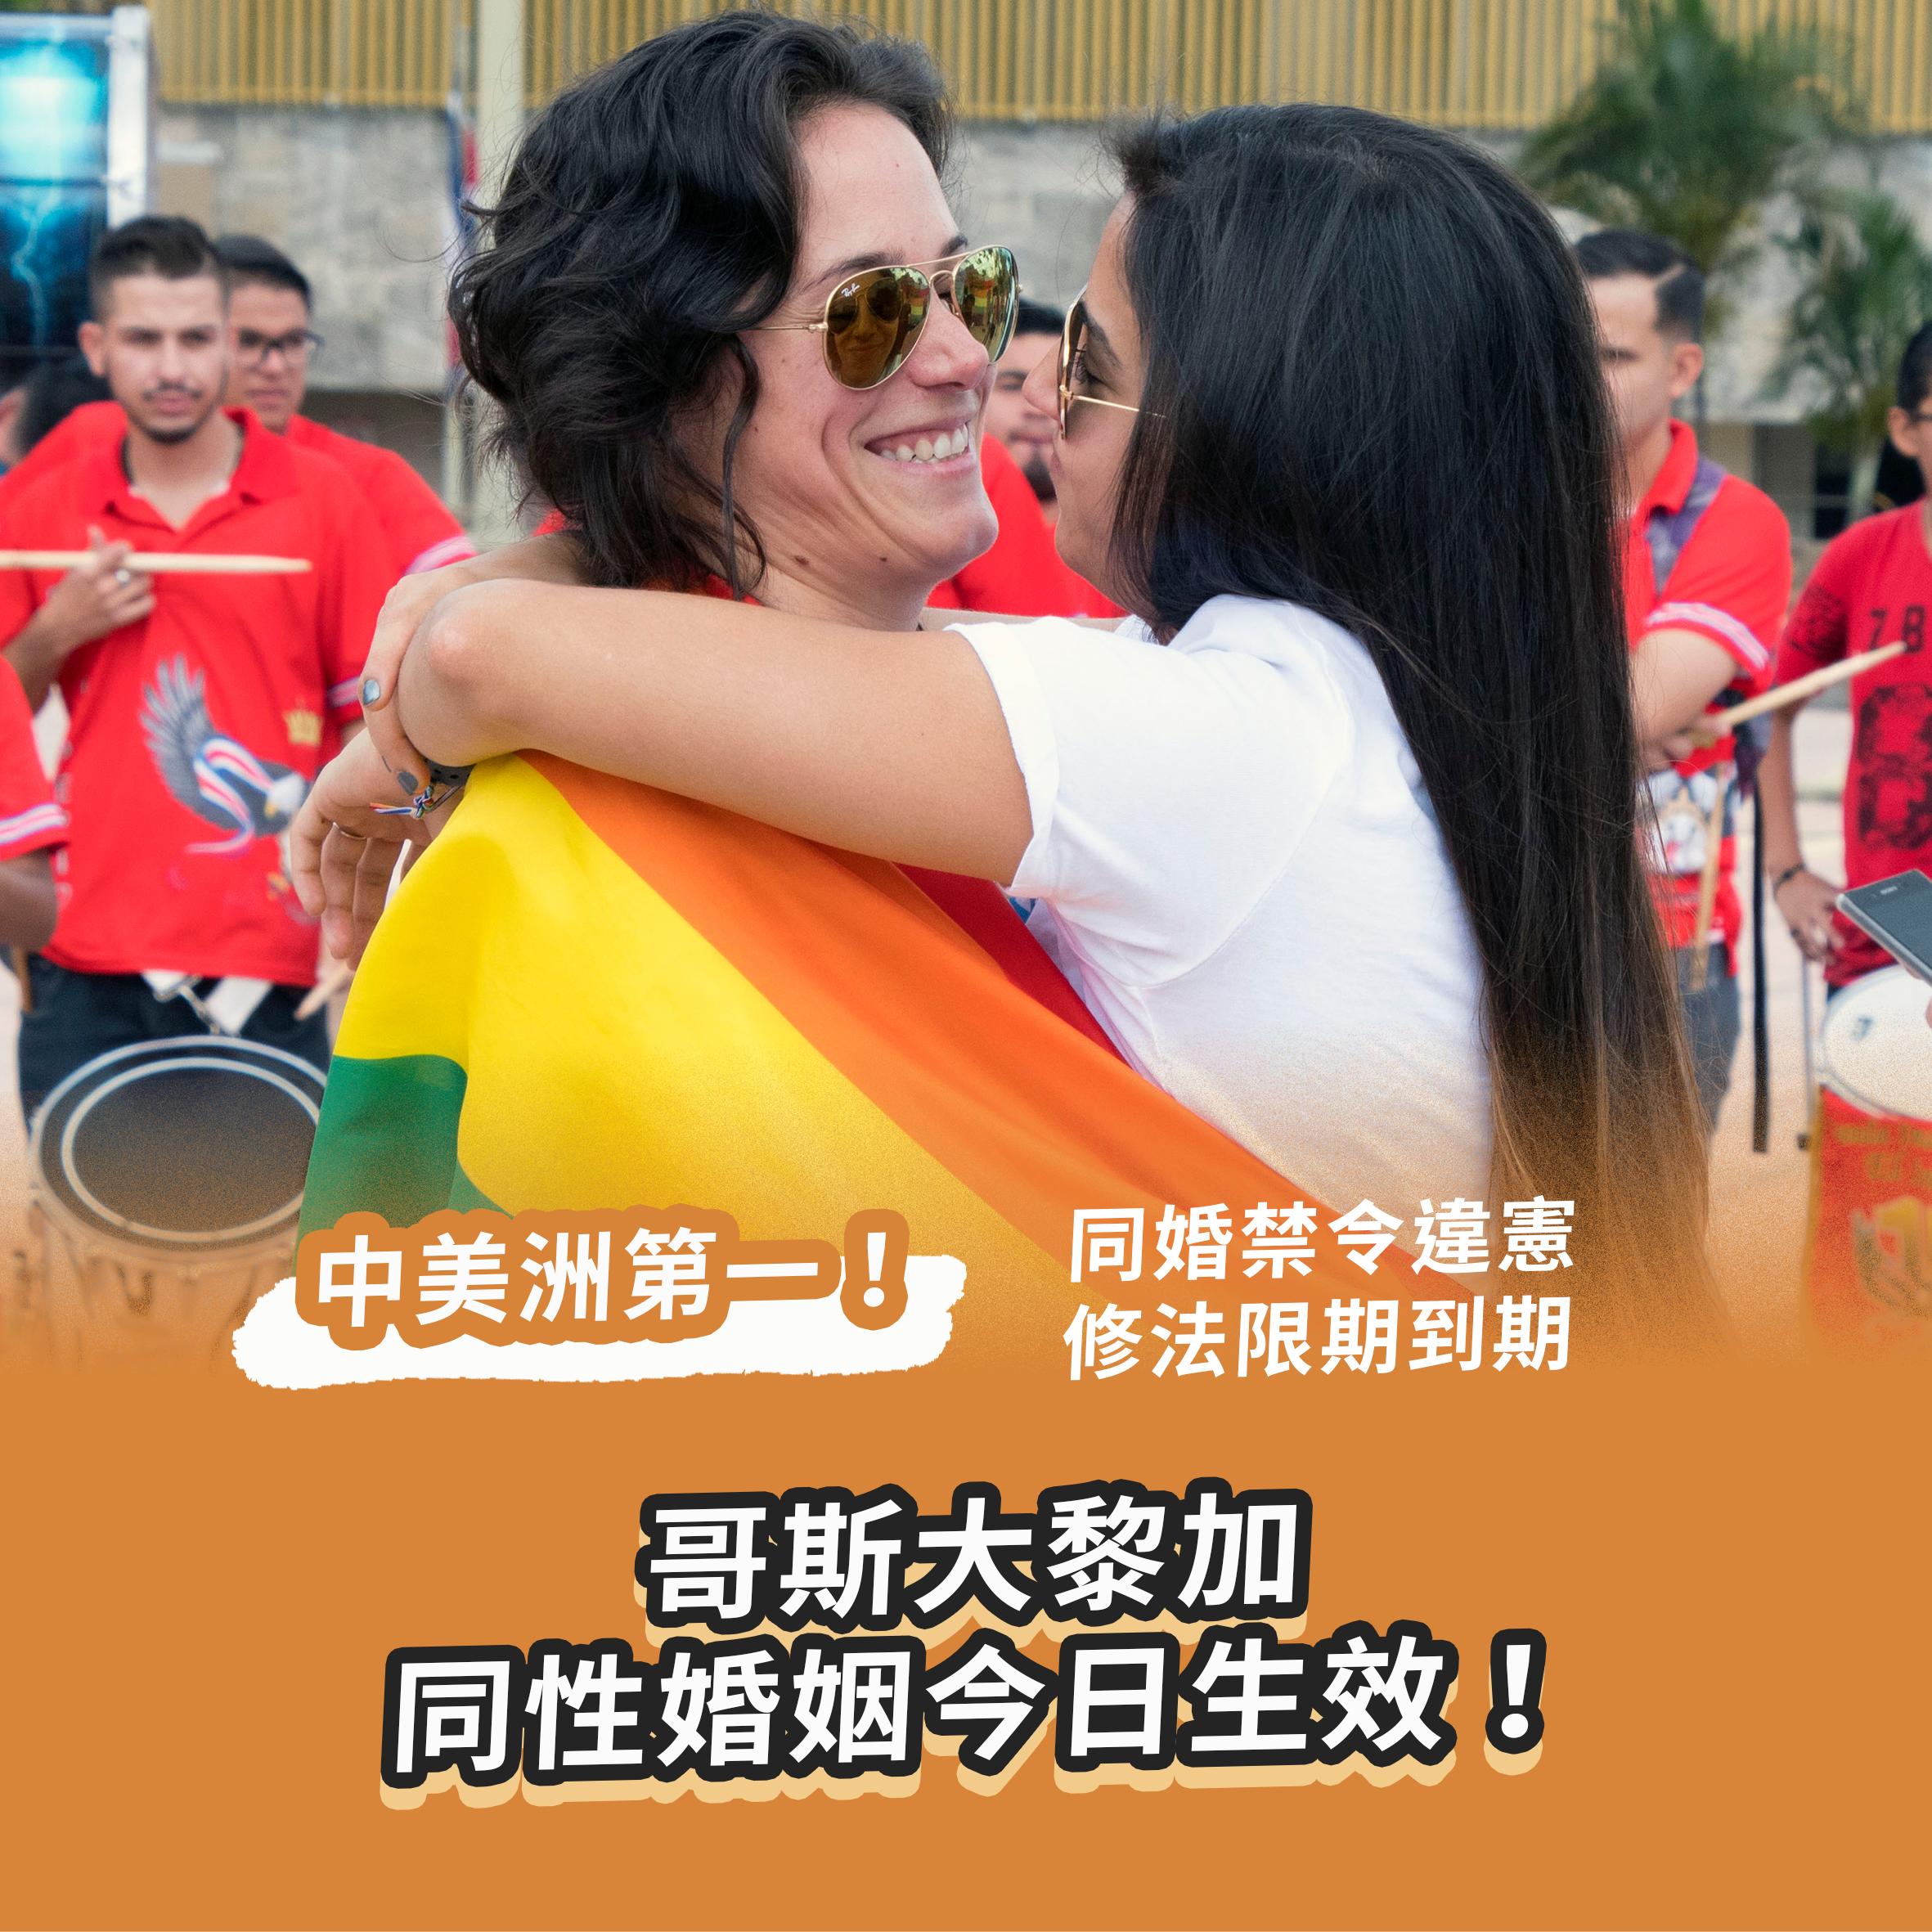 哥斯大黎加同性婚姻,今日(5/26)生效!